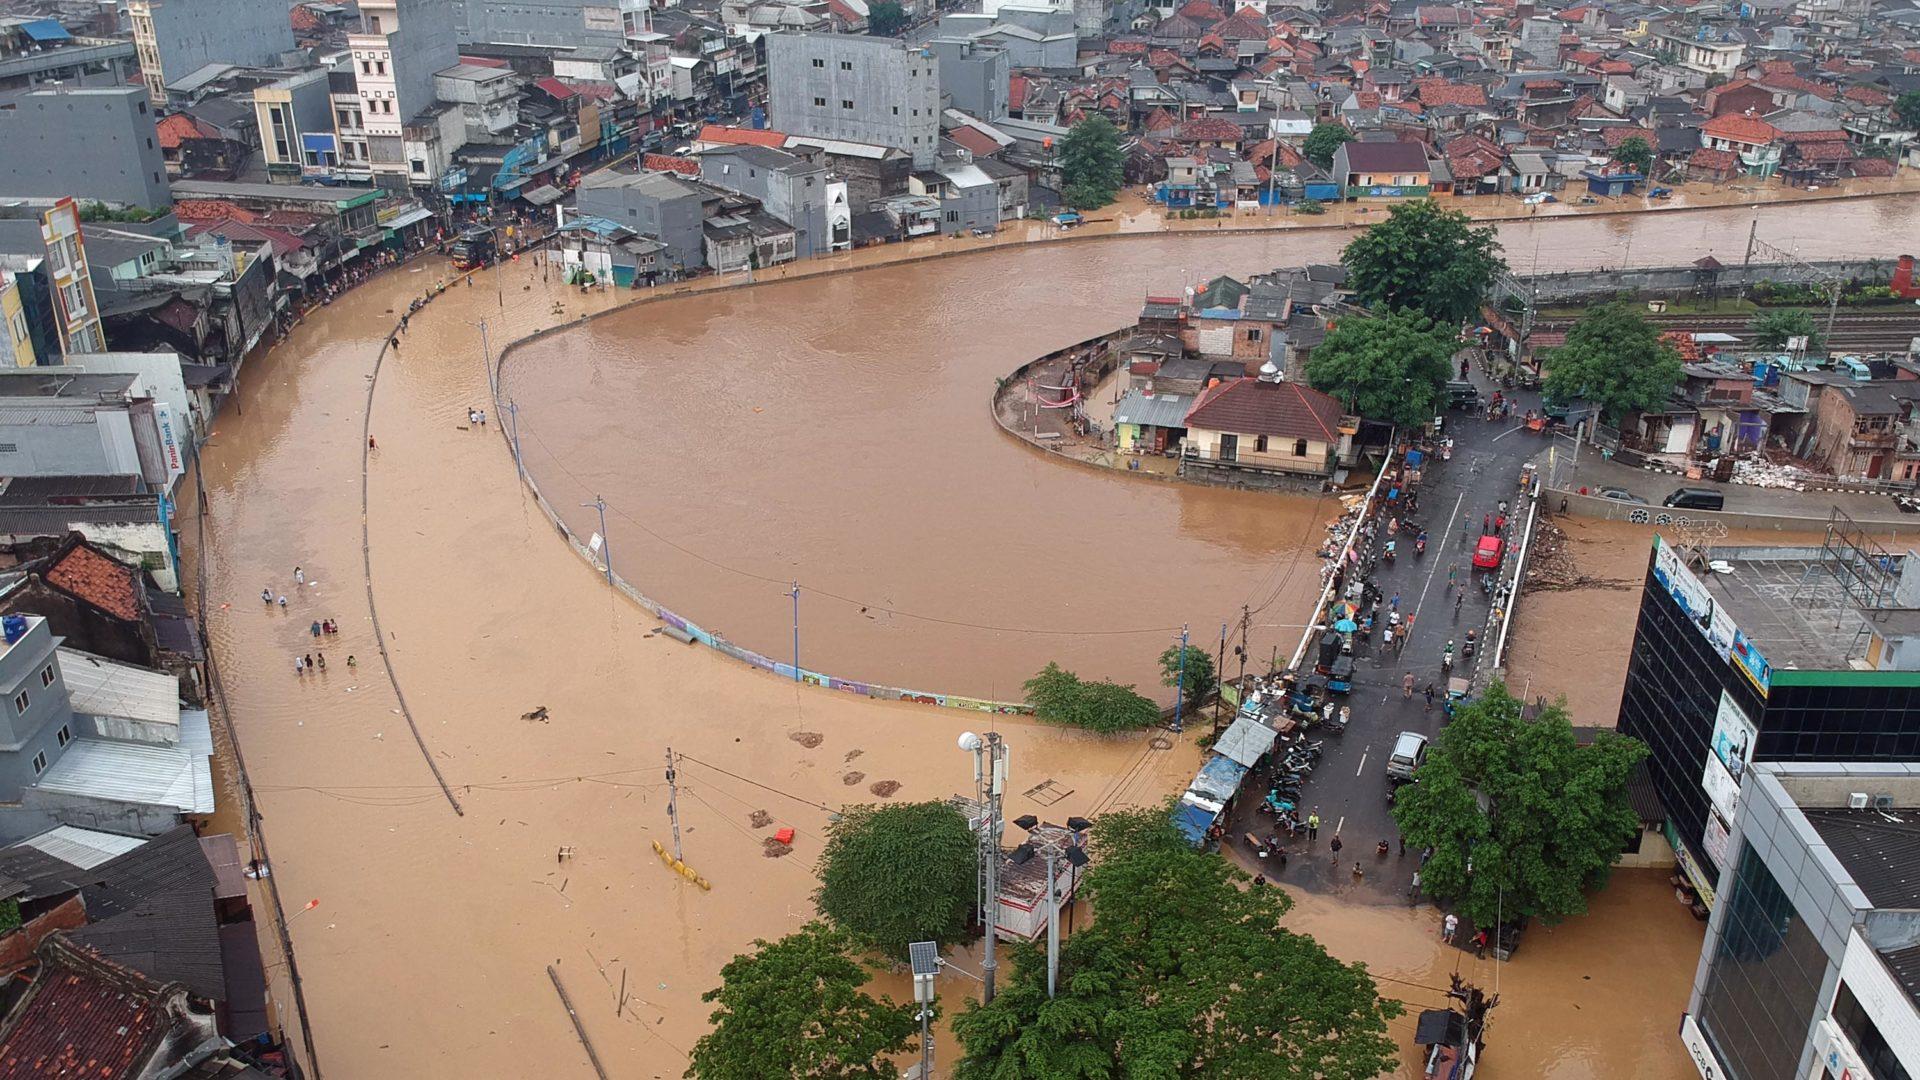 Indonesien Auf Sumpf Gebaut Sudostasien 1 2020